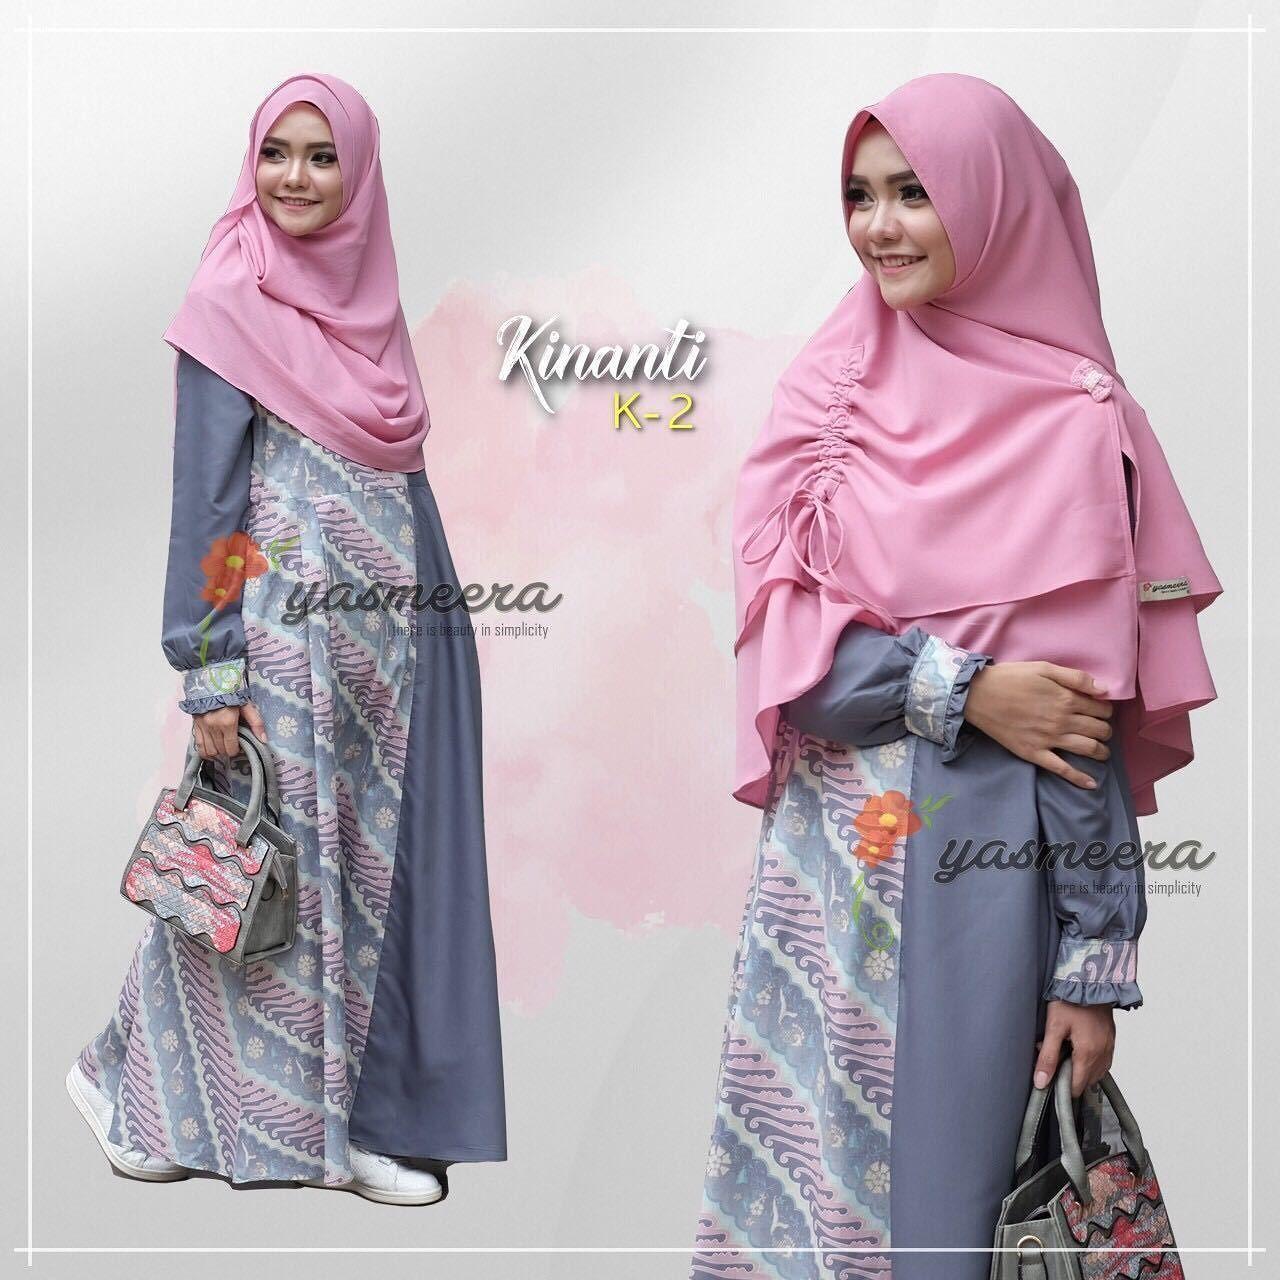 Gamis Yasmeera Kinanti Dress K11 - baju gamis wanita busana muslim